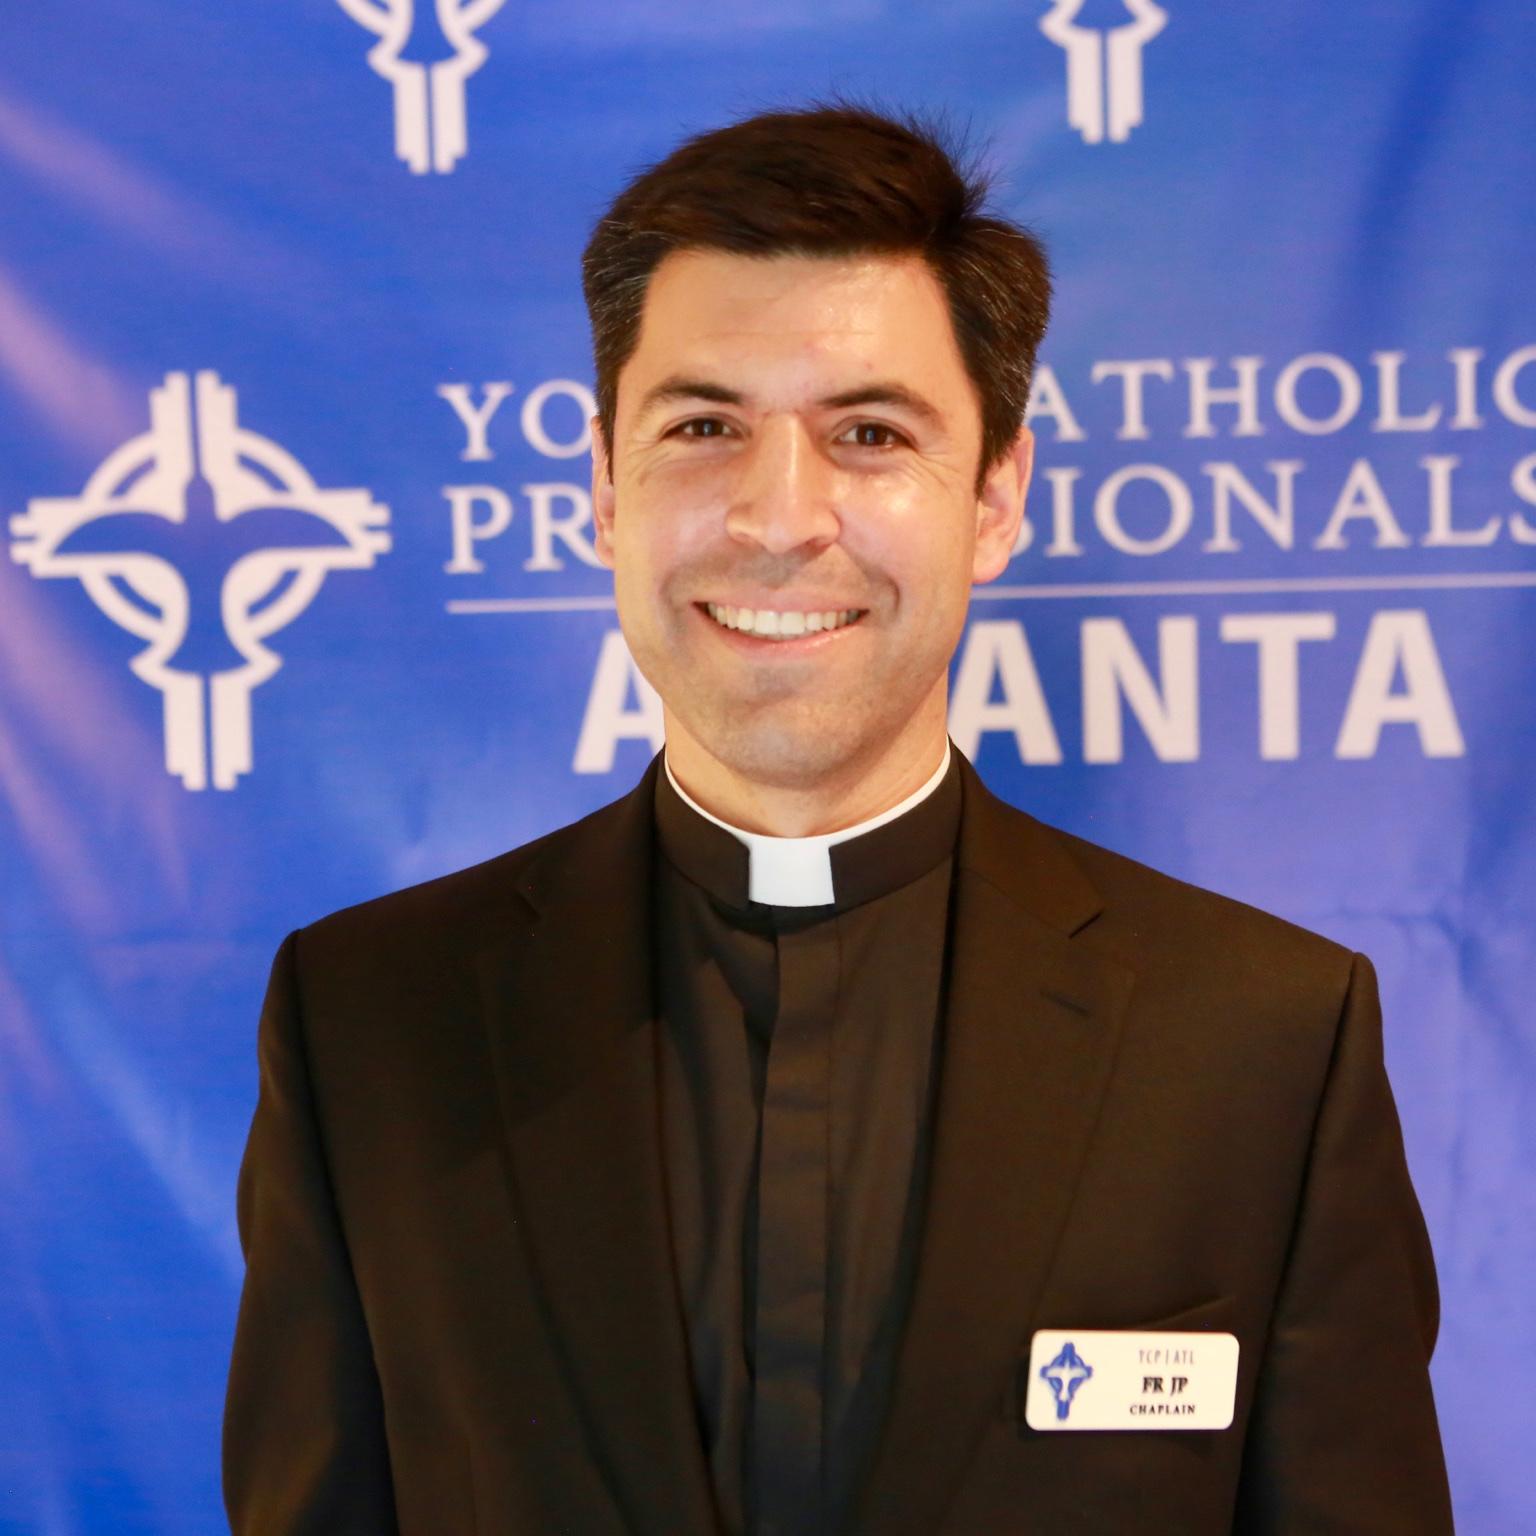 Fr. Juan Pablo Duran, LC - Assistant Chaplain